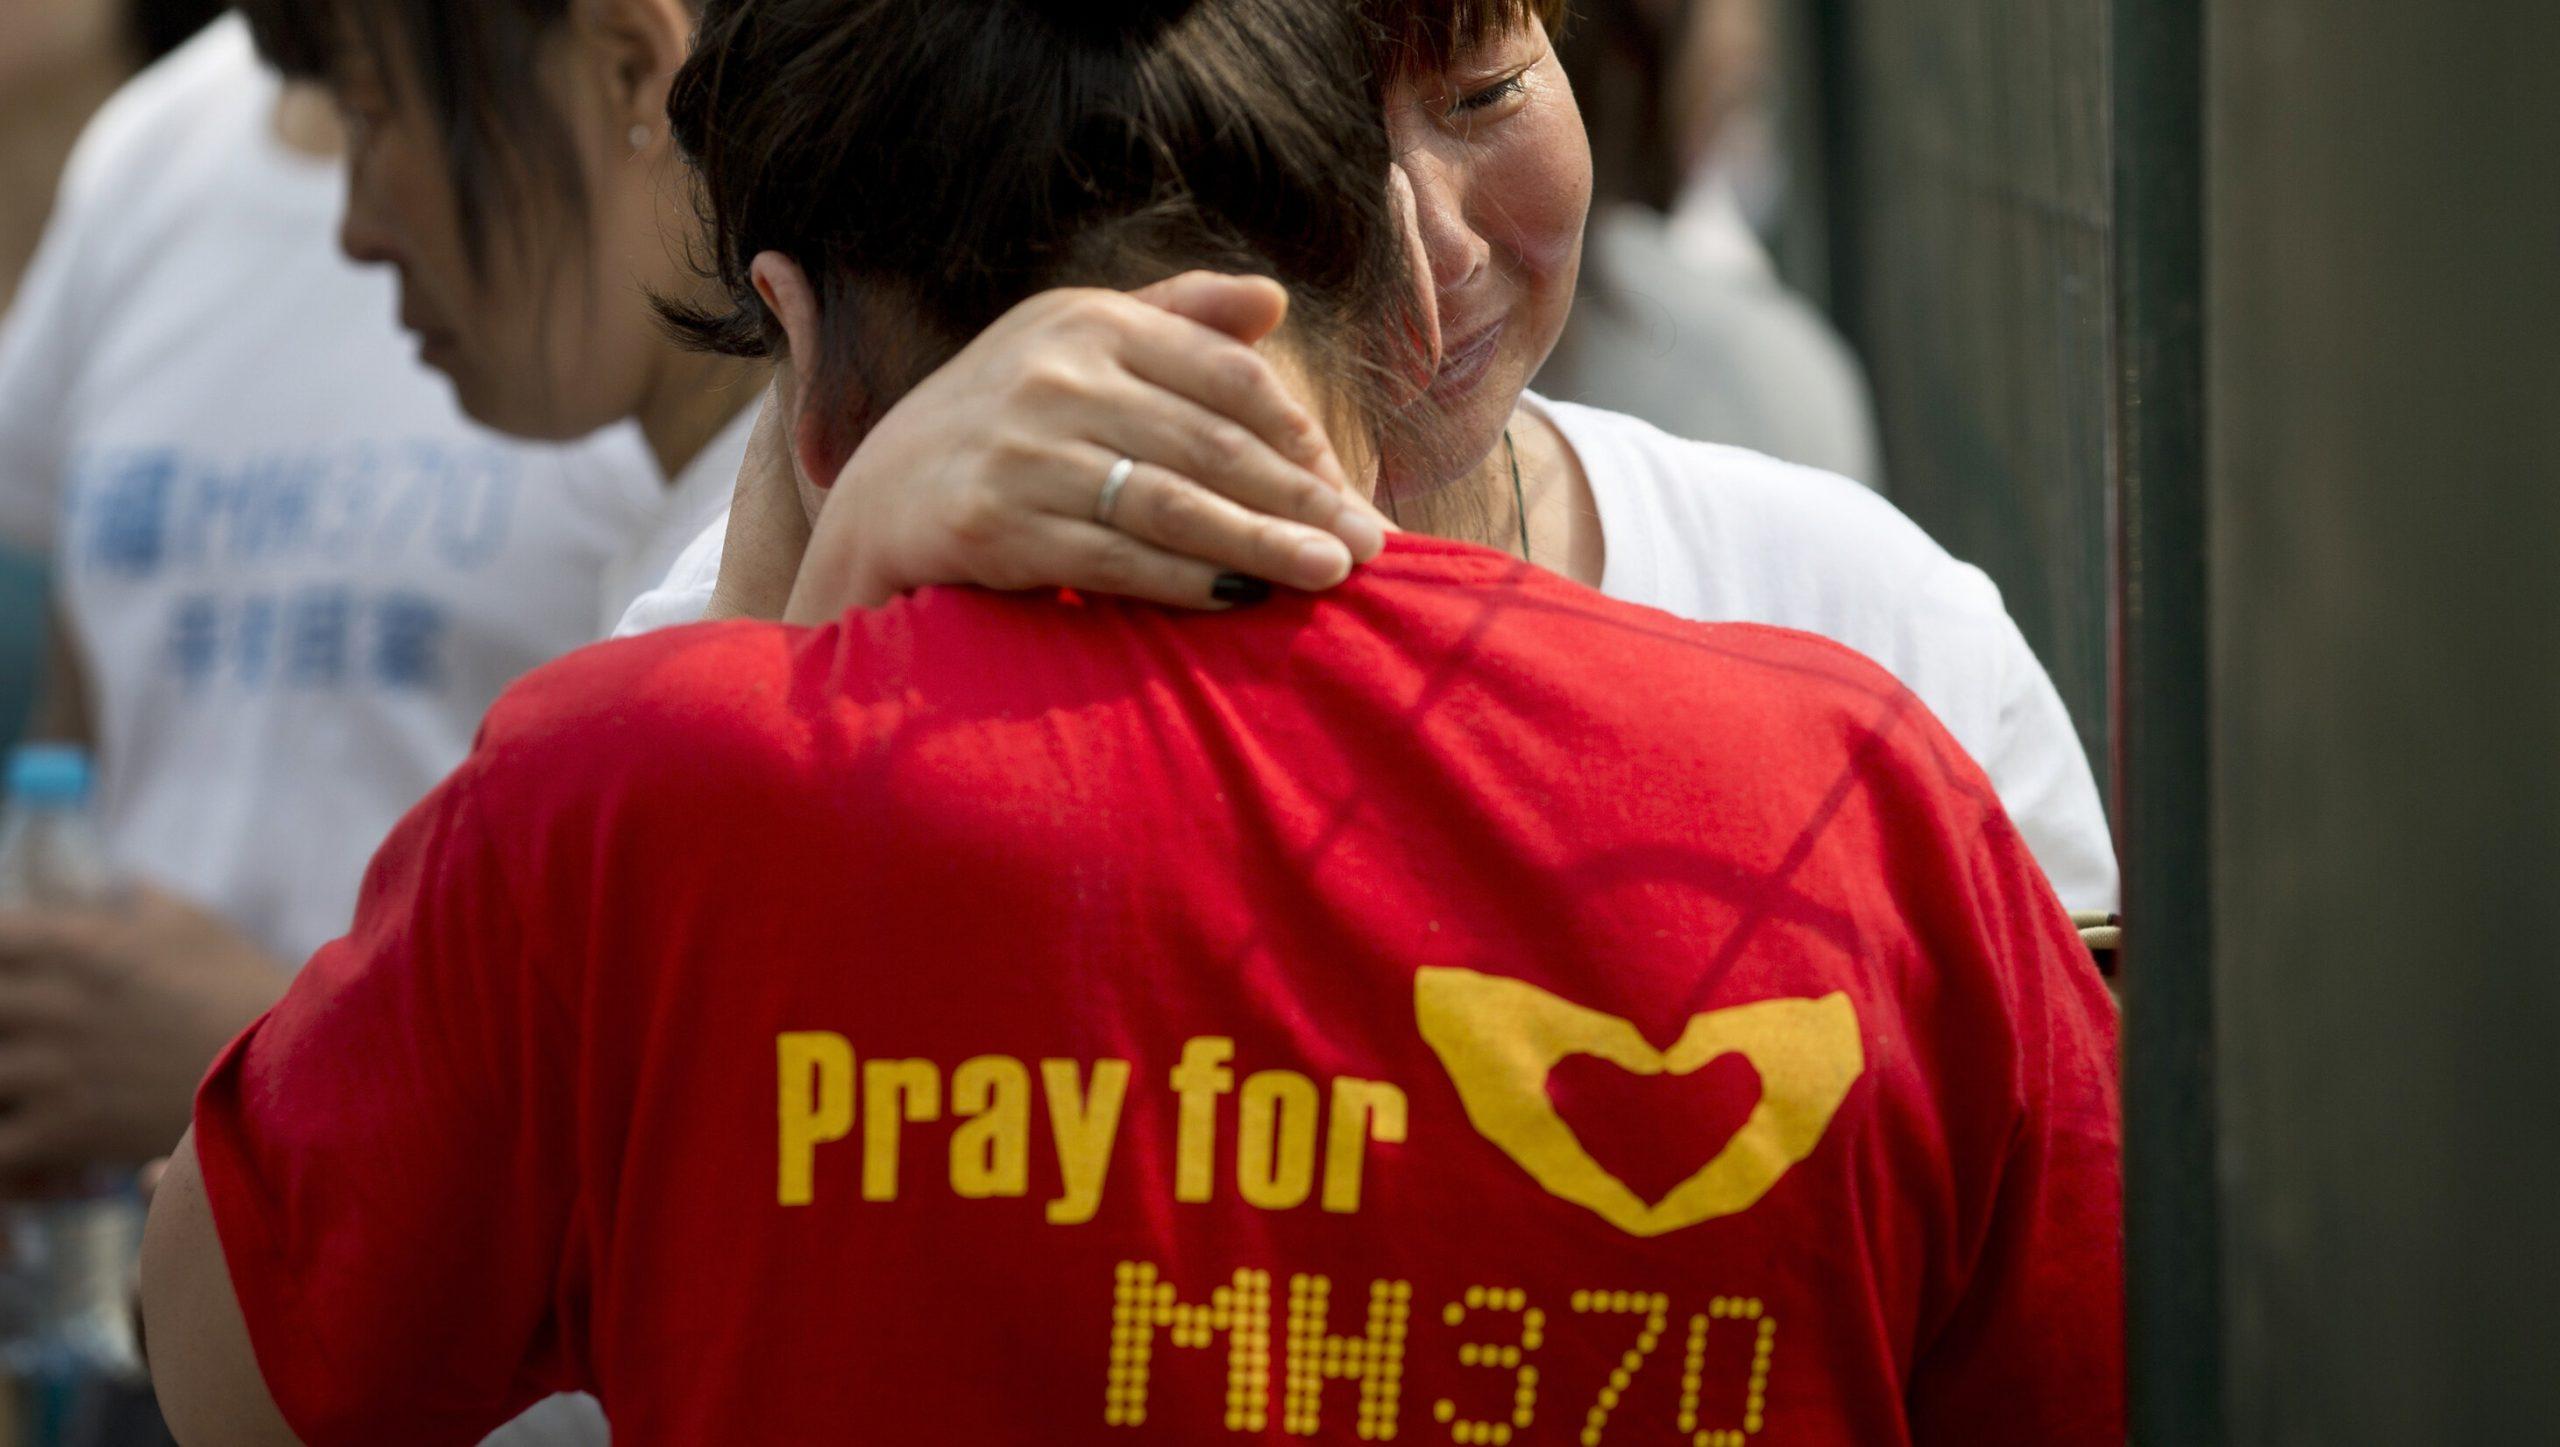 Dispariția zborului MH370, cu 239 de persoane la bord. Cum au acționat americanii și de ce liderii din China sau Malaezia nu spun nimic